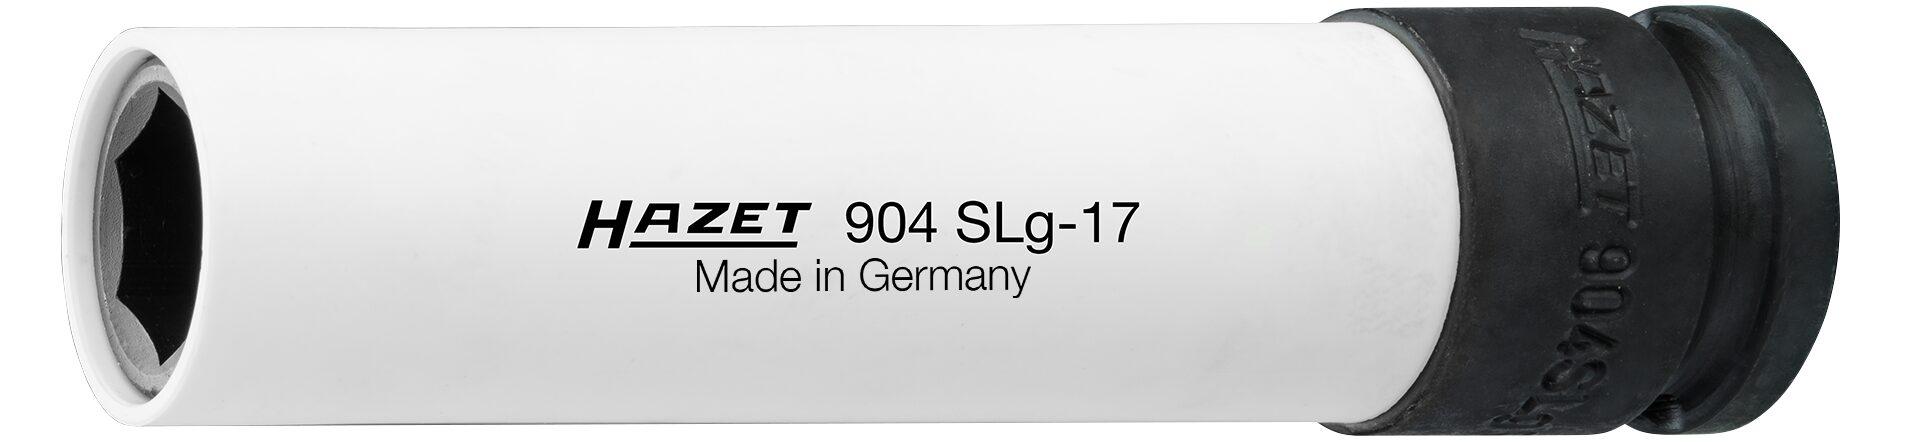 HAZET Schlag- ∙ Maschinenschrauber Steckschlüsseleinsatz ∙ Sechskant ∙ extra lang 904SLG-17 ∙ 17 mm